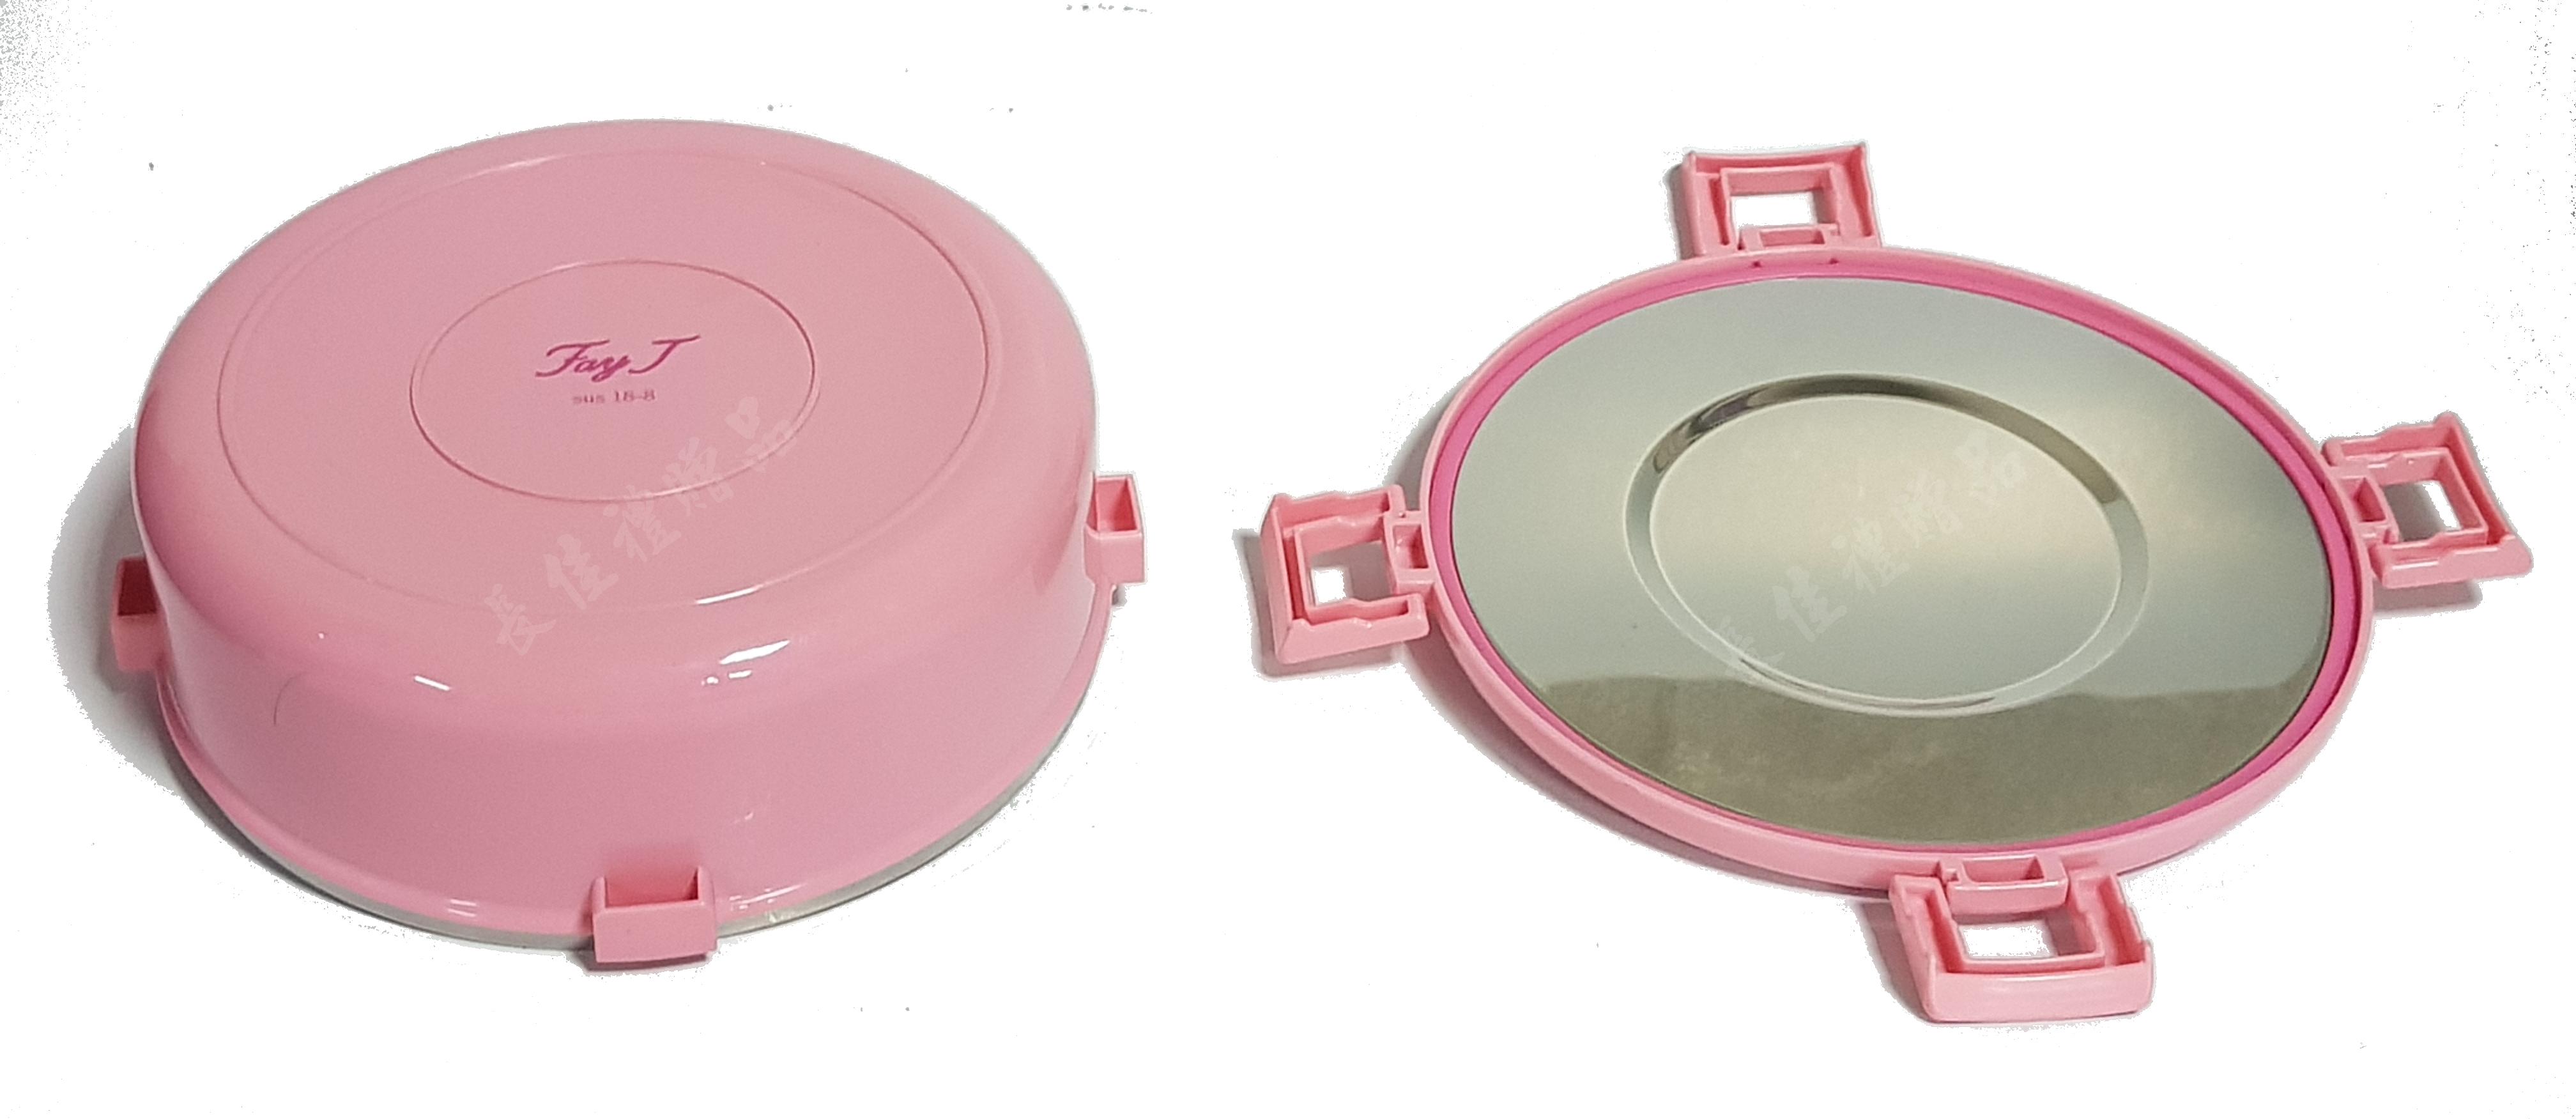 菲常多功能保溫保冷餐盒粉-5.png